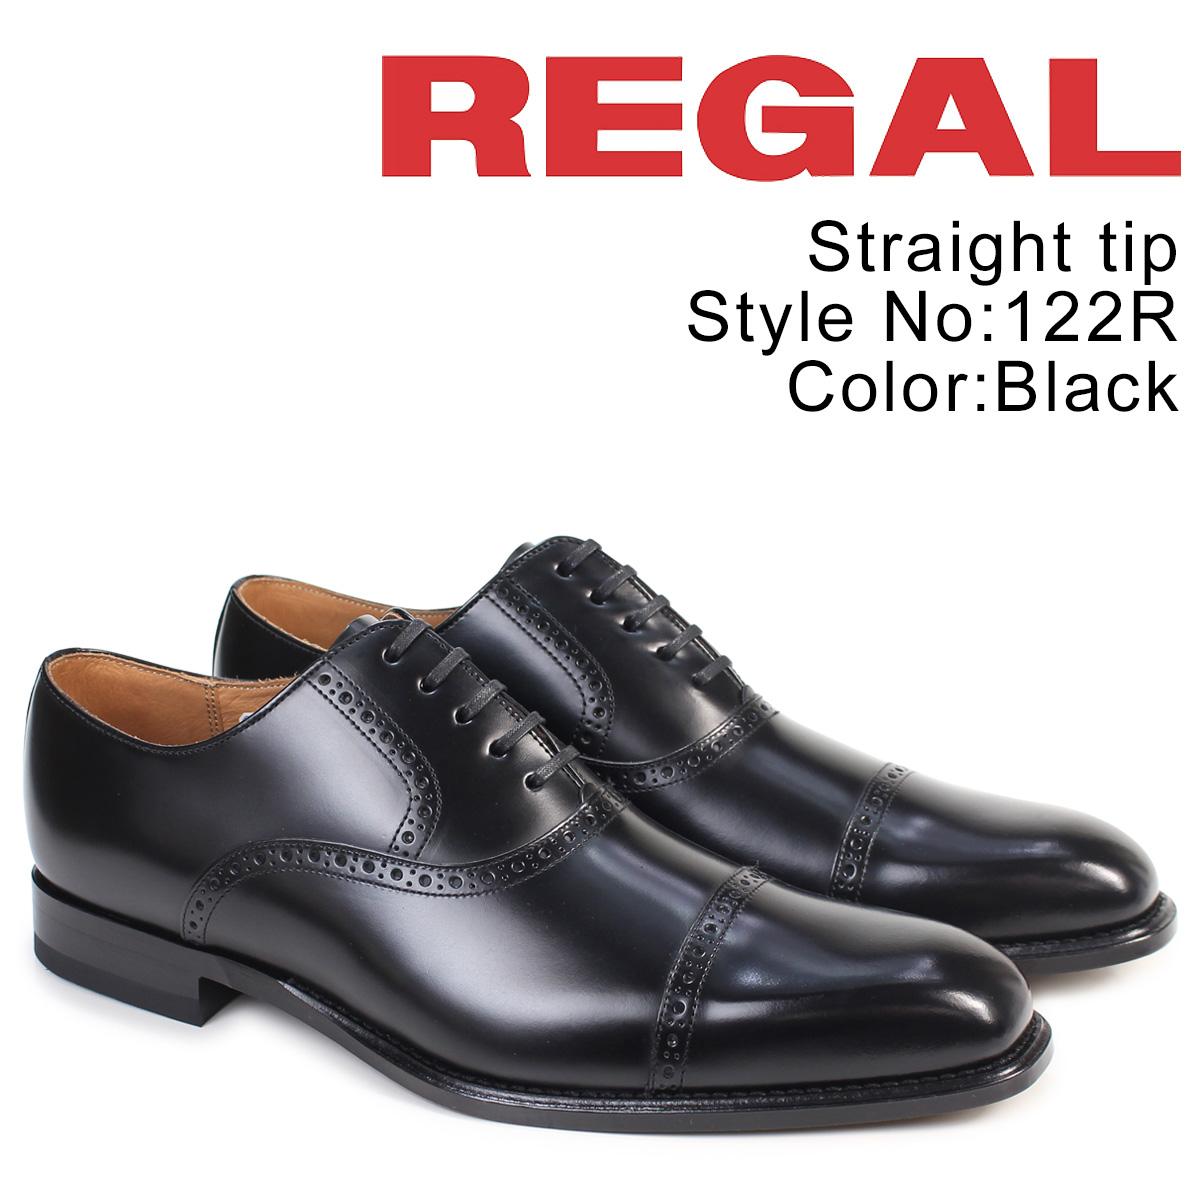 【最大2000円OFFクーポン配布】 REGAL 靴 メンズ リーガル ストレートチップ 122RAL ビジネスシューズ 日本製 ブラック